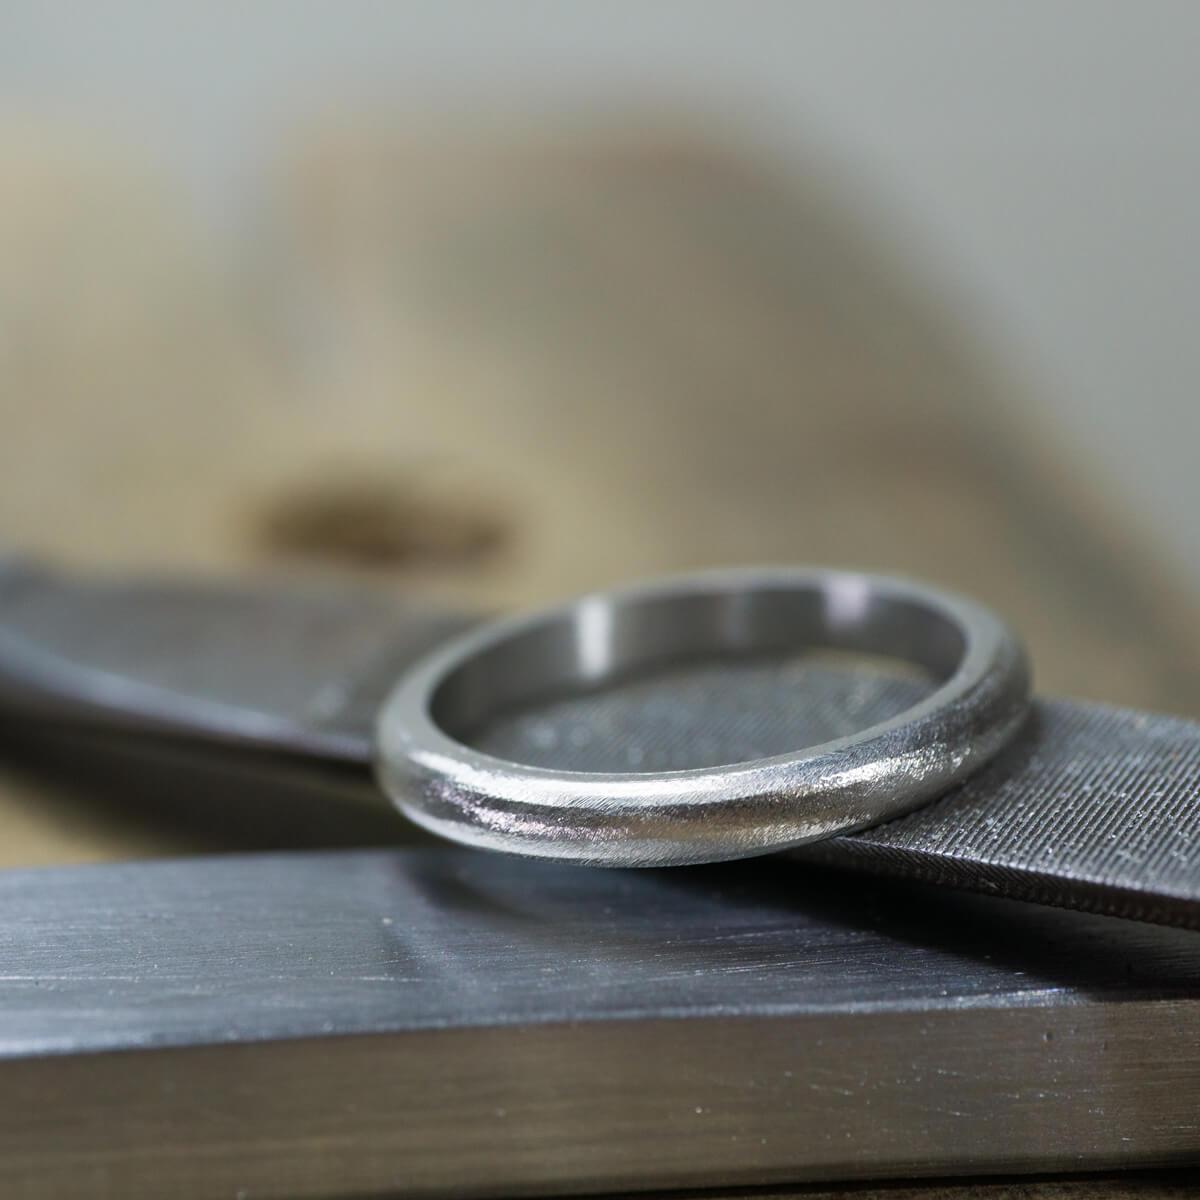 オーダーメイドマリッジリングの制作風景 ジュエリーのアトリエに結婚指輪 プラチナ 屋久島でつくる結婚指輪